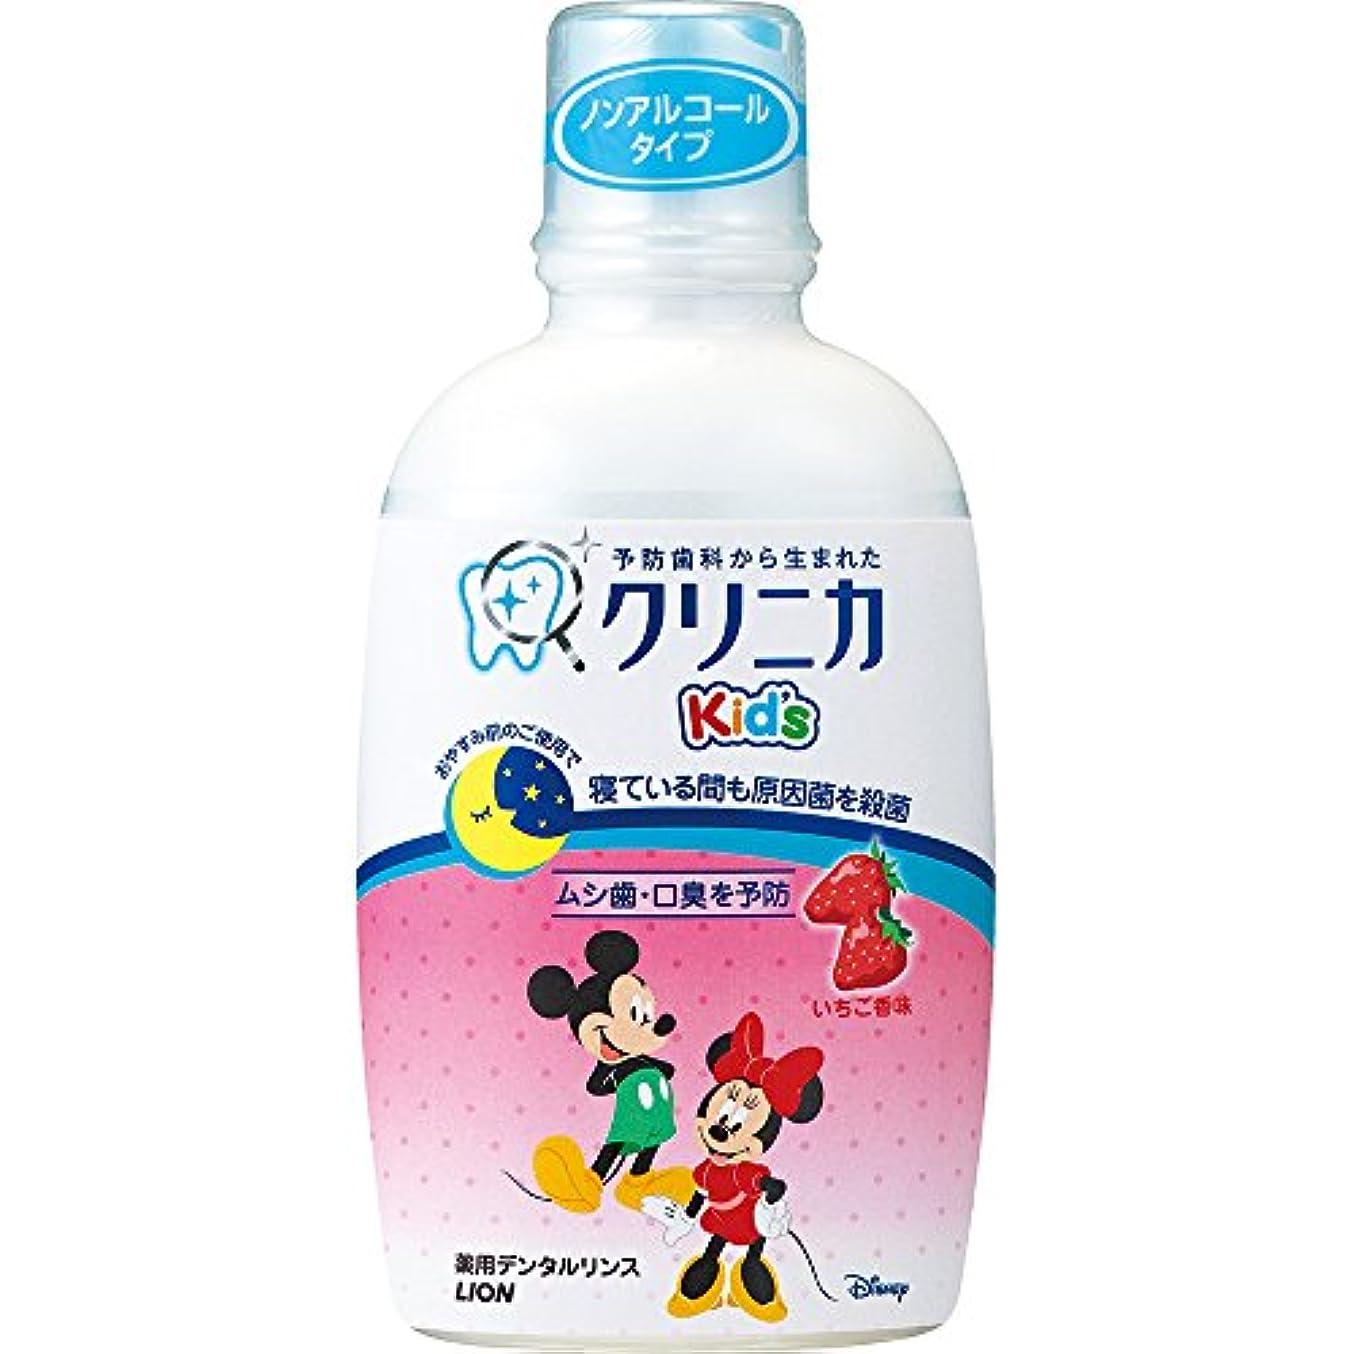 バケツ辛い機会クリニカKid'sデンタルリンス いちご 250ml (医薬部外品)